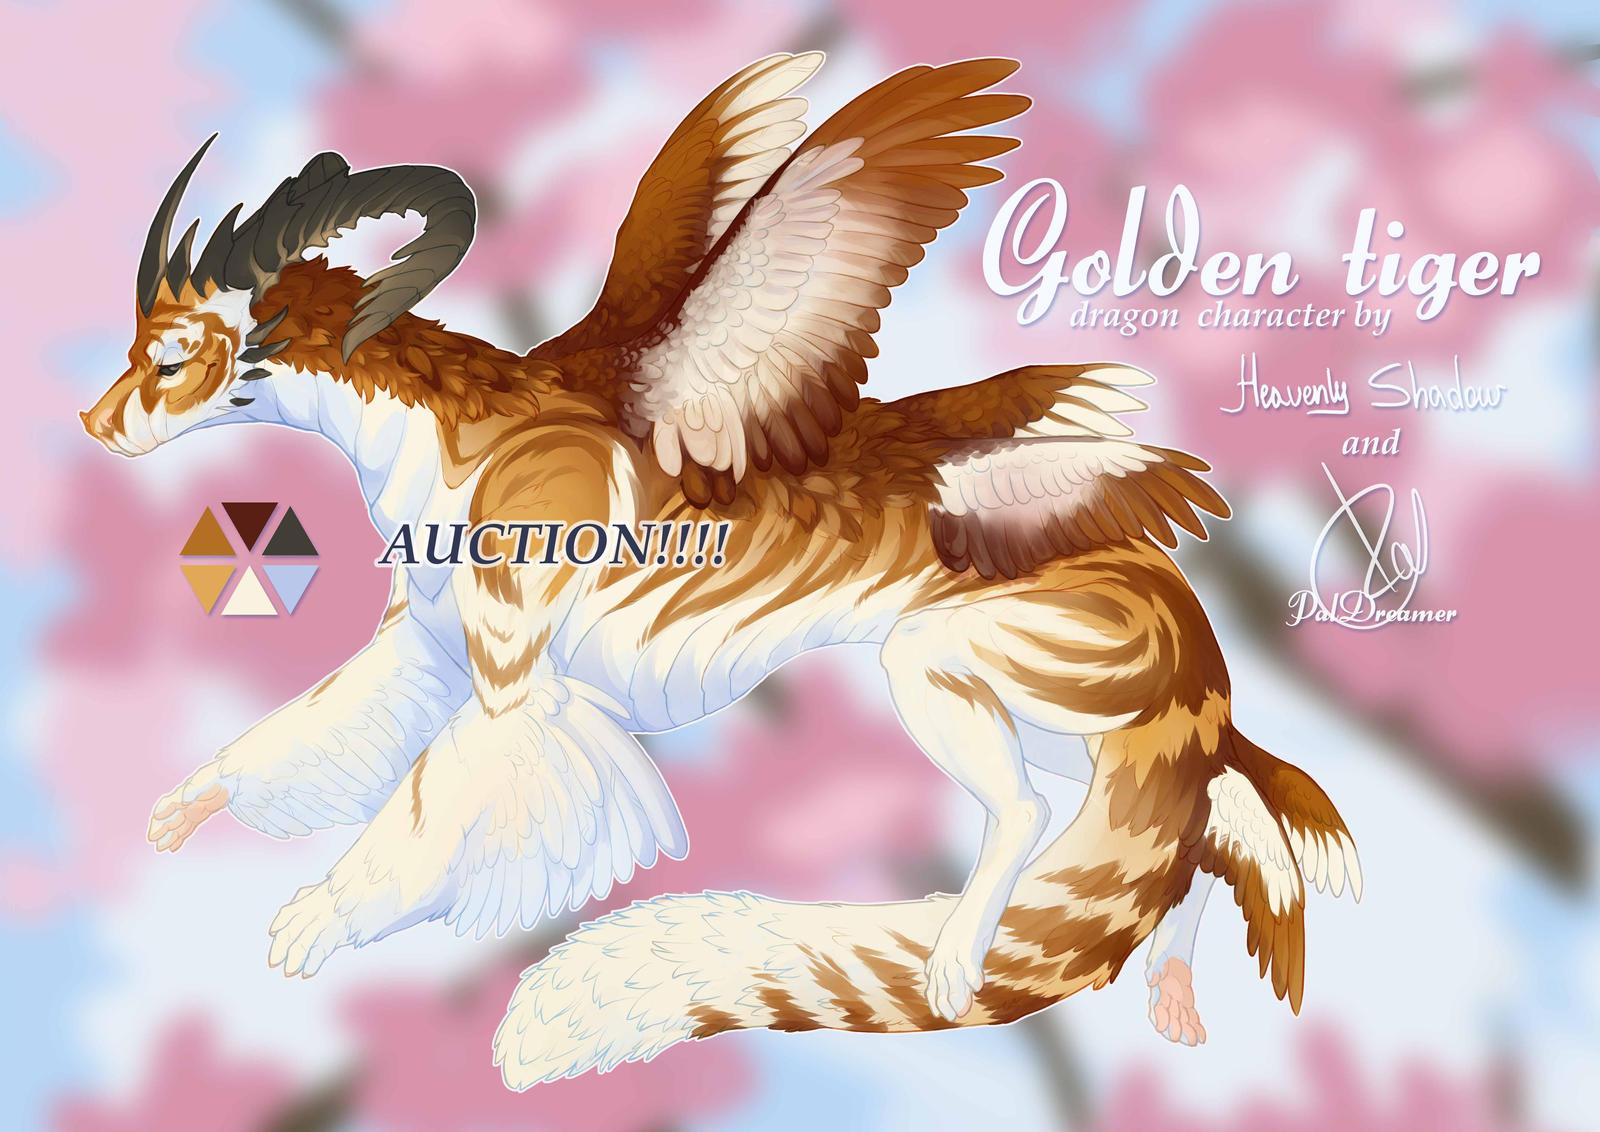 Golden tiger dragon deviantart golden era bodybuilding steroids